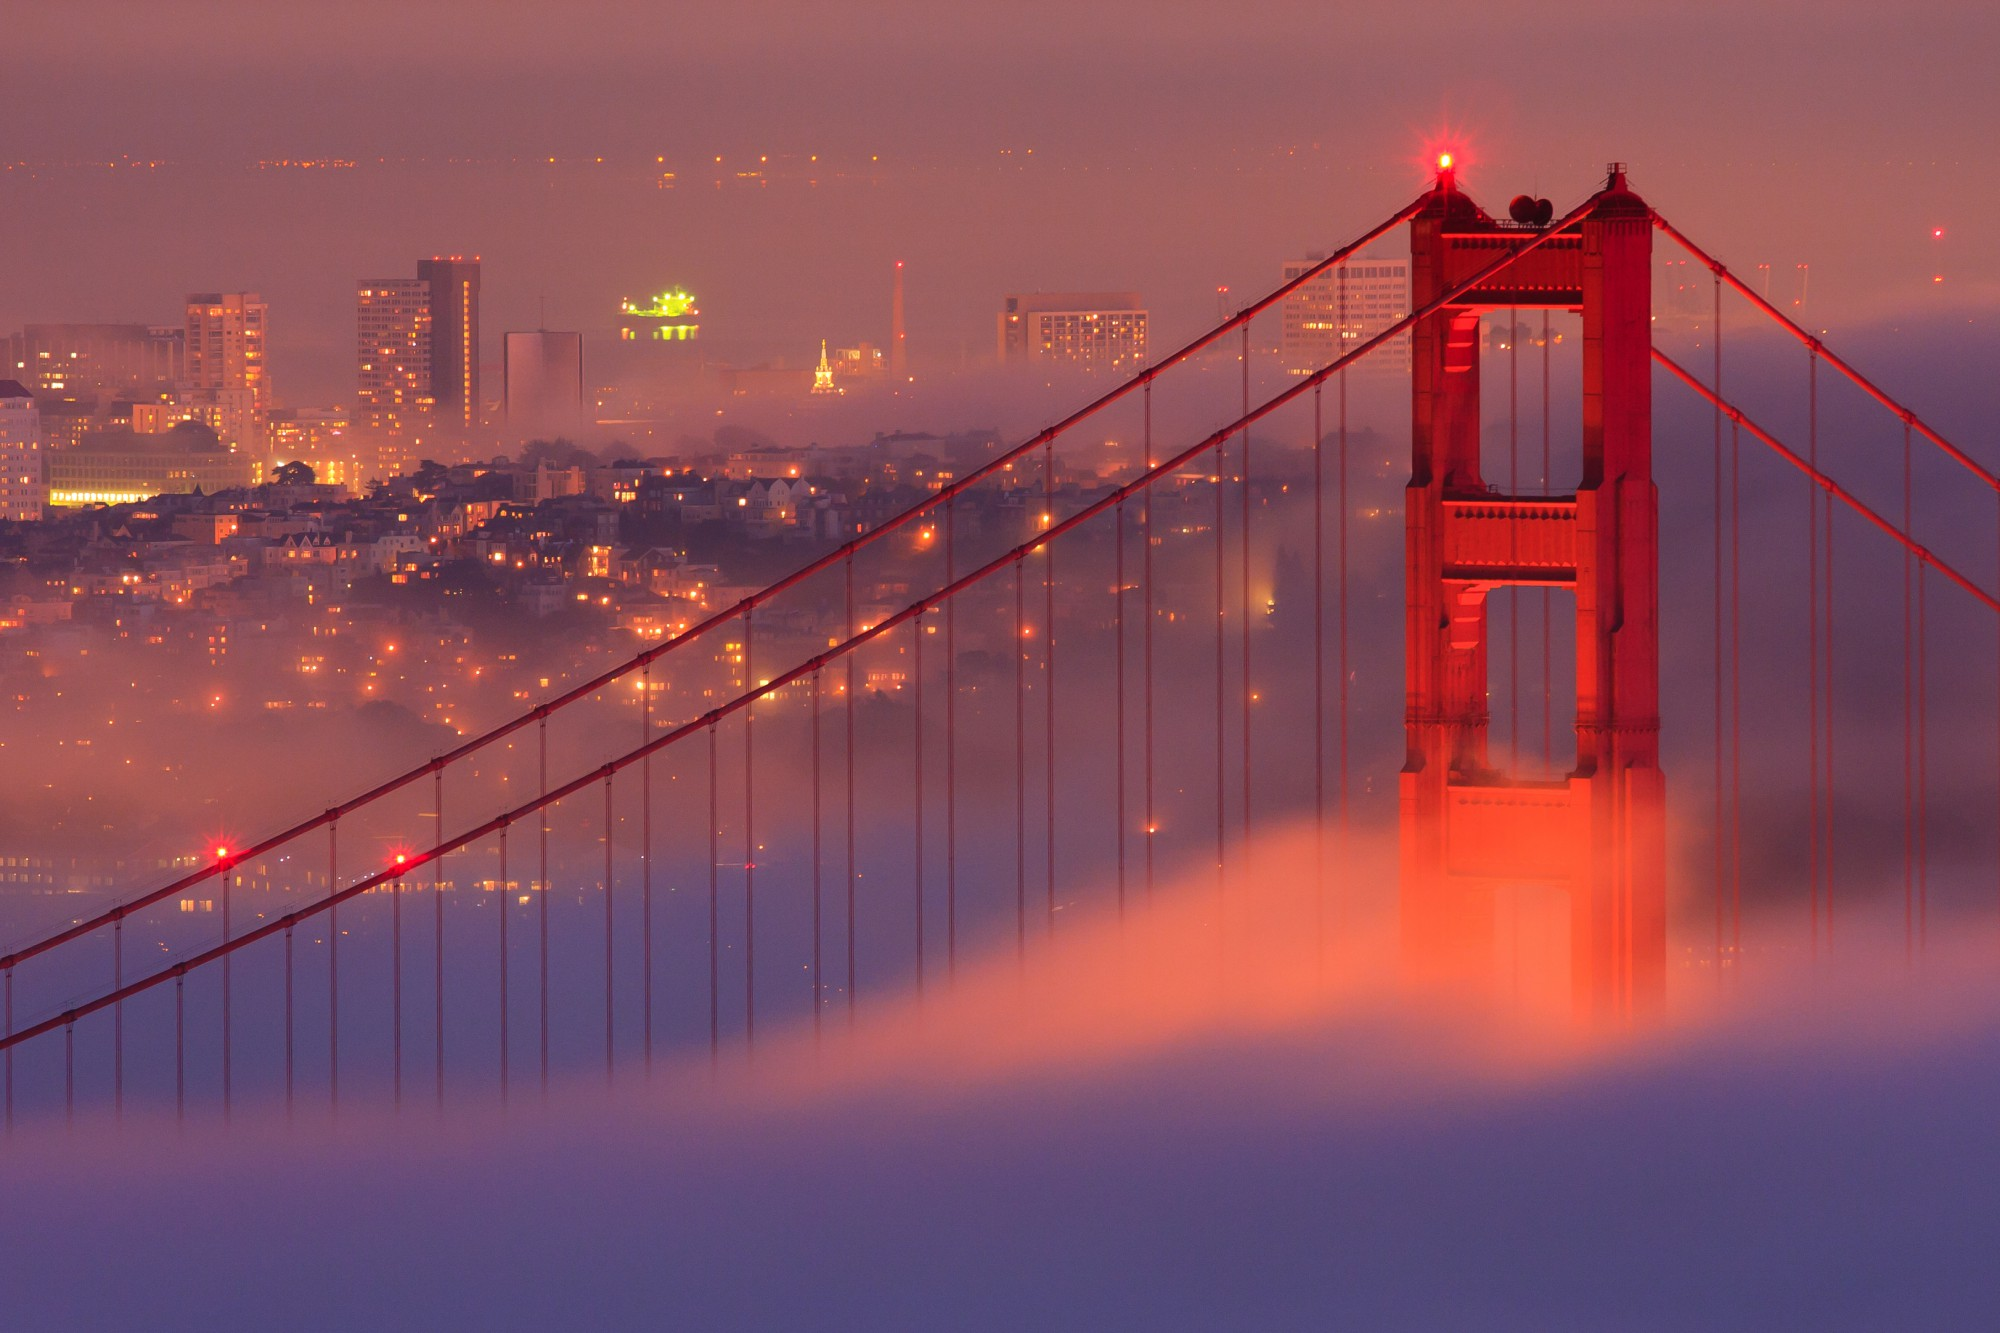 Těšit se můžete na ohromující výhled na Golden Gate